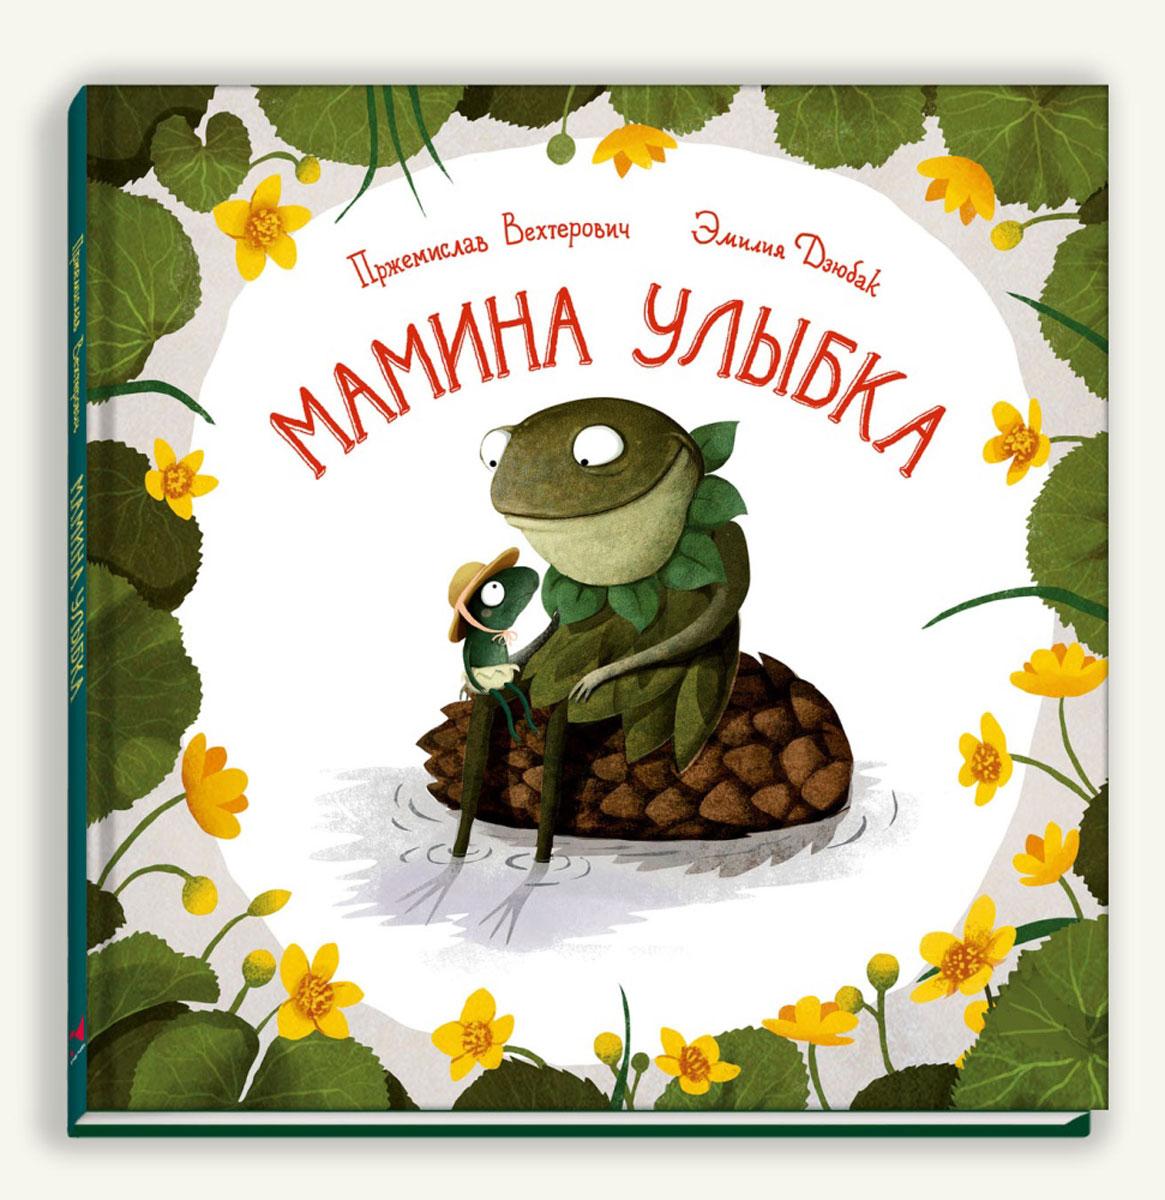 Фото Пржемислав Вехтерович Мамина улыбка. Купить  в РФ